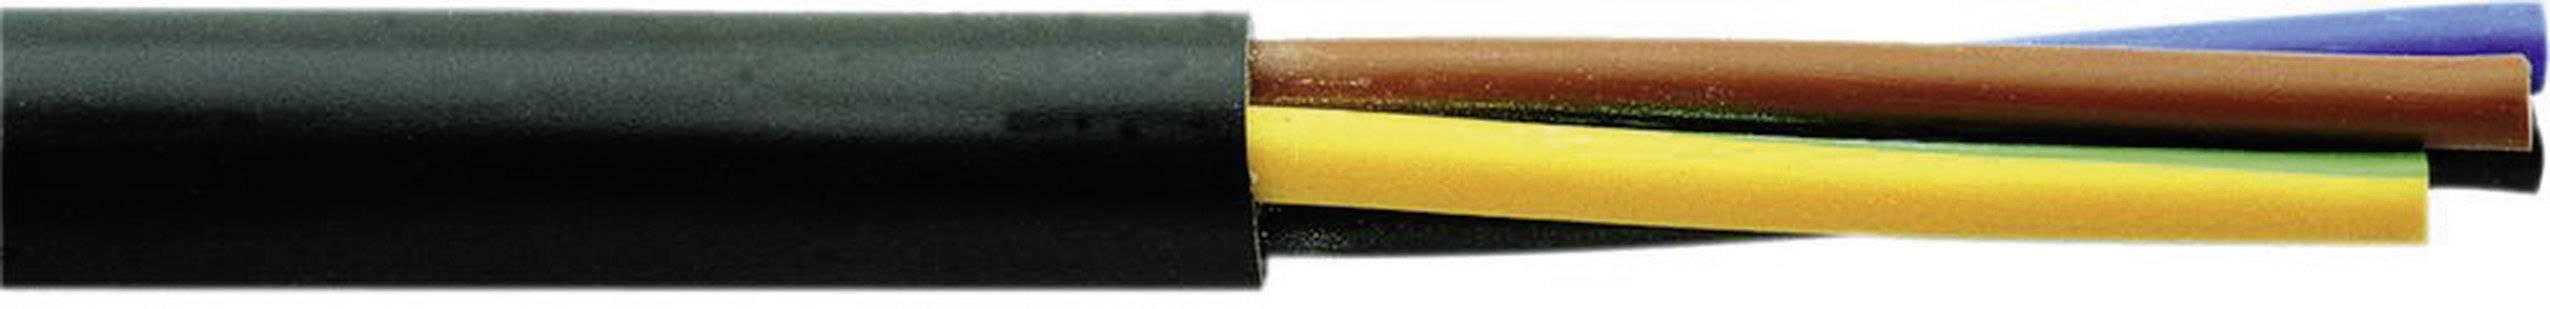 Vícežílový kabel Faber Kabel H05RR-F, 050020, 2 x 1 mm², černá, metrové zboží